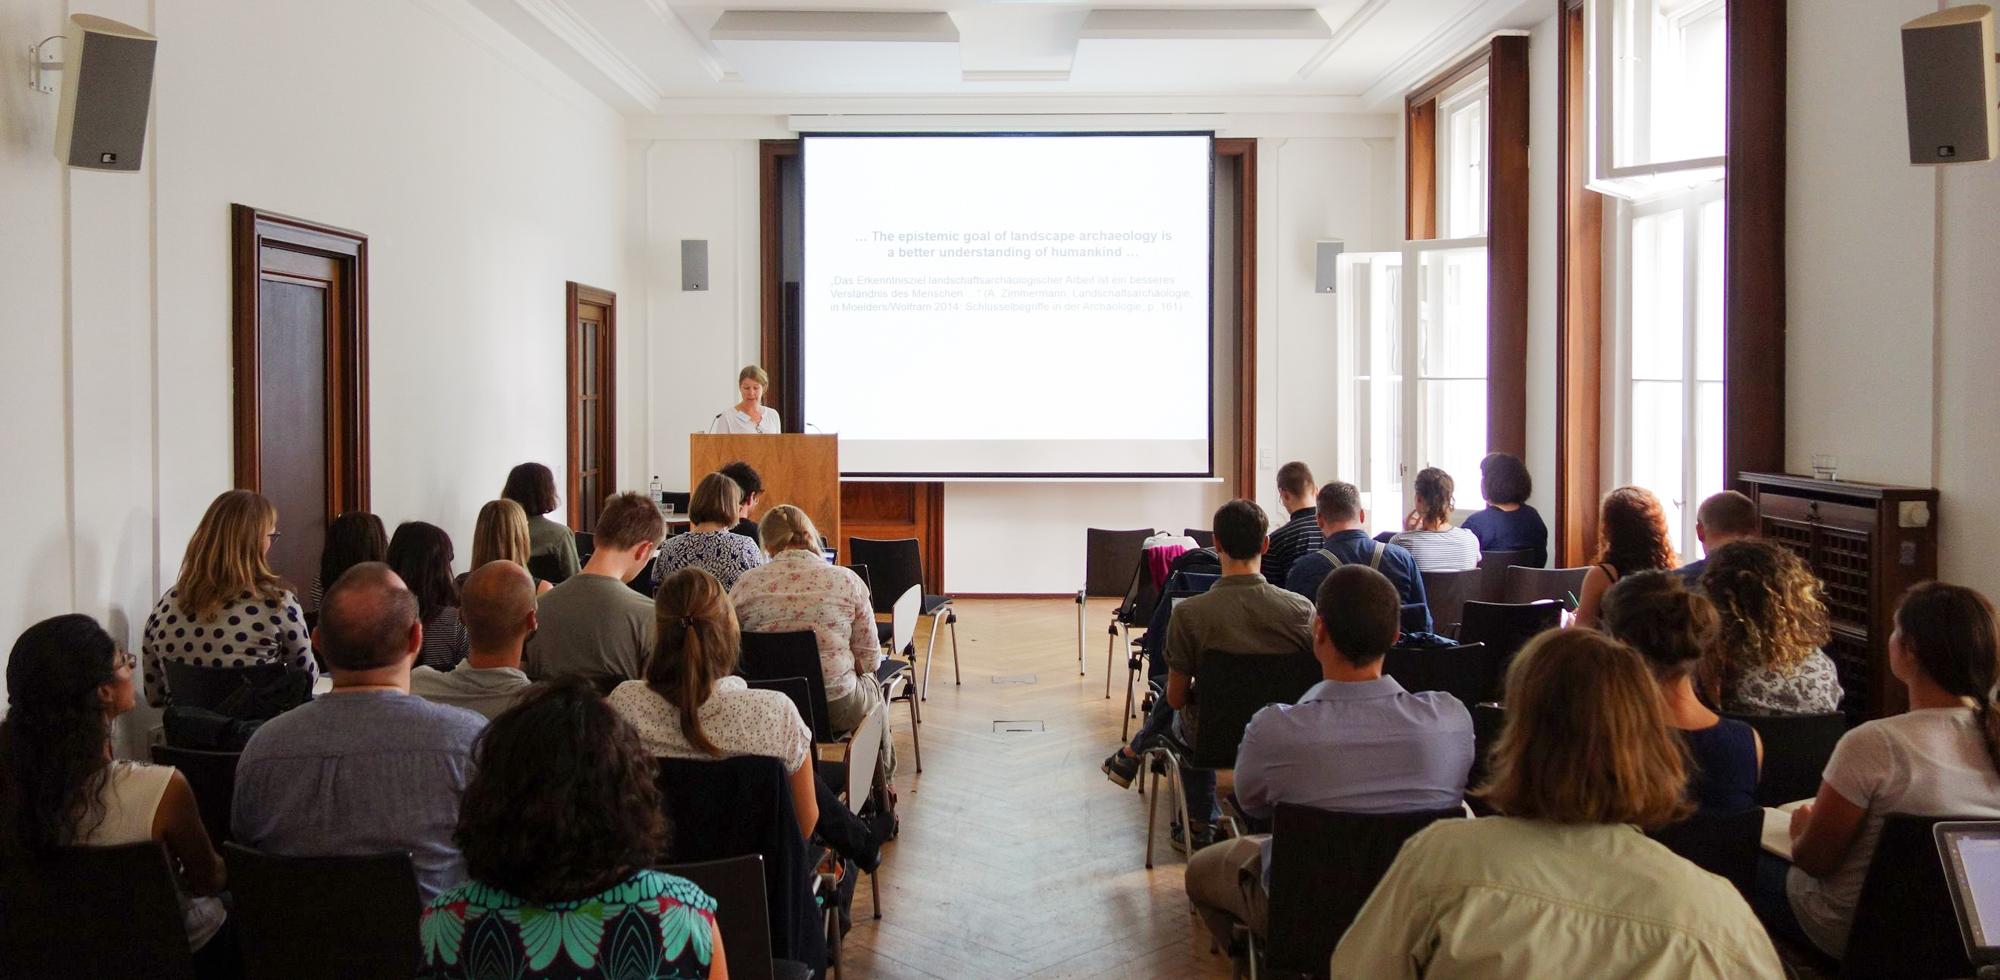 Almut Schülke vom Museum of Cultural History, Oslo eröffente den Workshop mit einem Vortrag über Theorien und Konzepte in der Landschaftsarchäologie | Foto: Berliner Antike-Kolleg